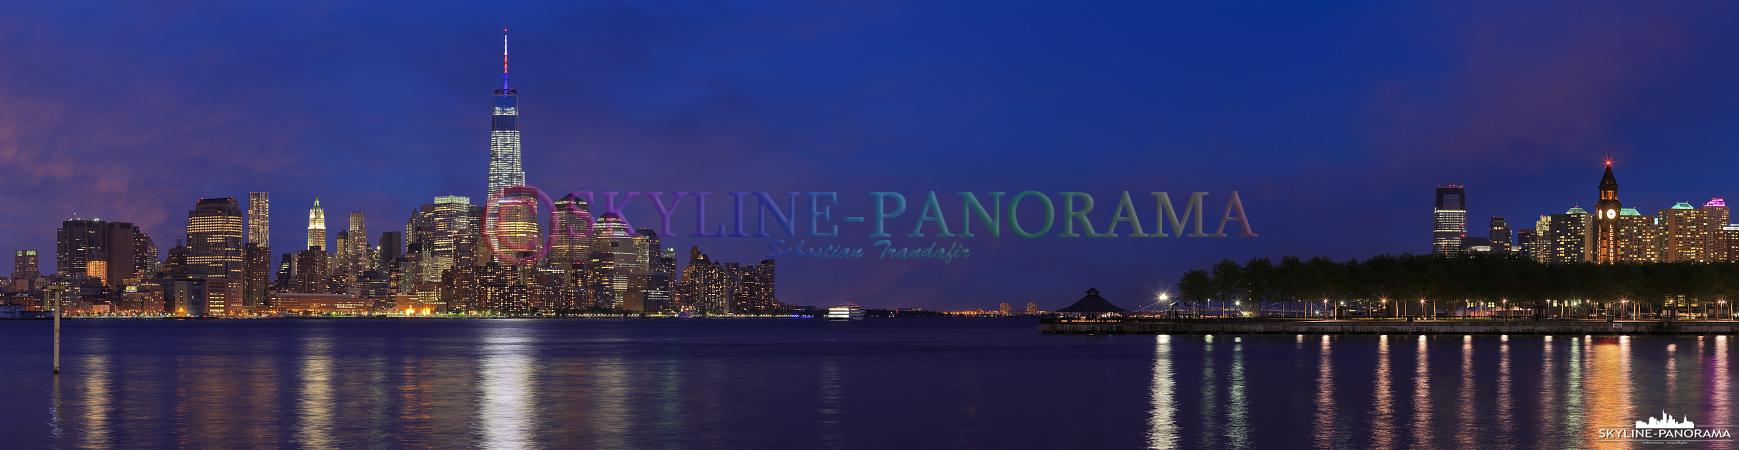 Bilder New York - Die hell erleuchtete Skyline von Lower Manhattan in der Dämmerung mit dem Financial District und einem Teil der Pieranlagen von Hoboken, New Jersey.